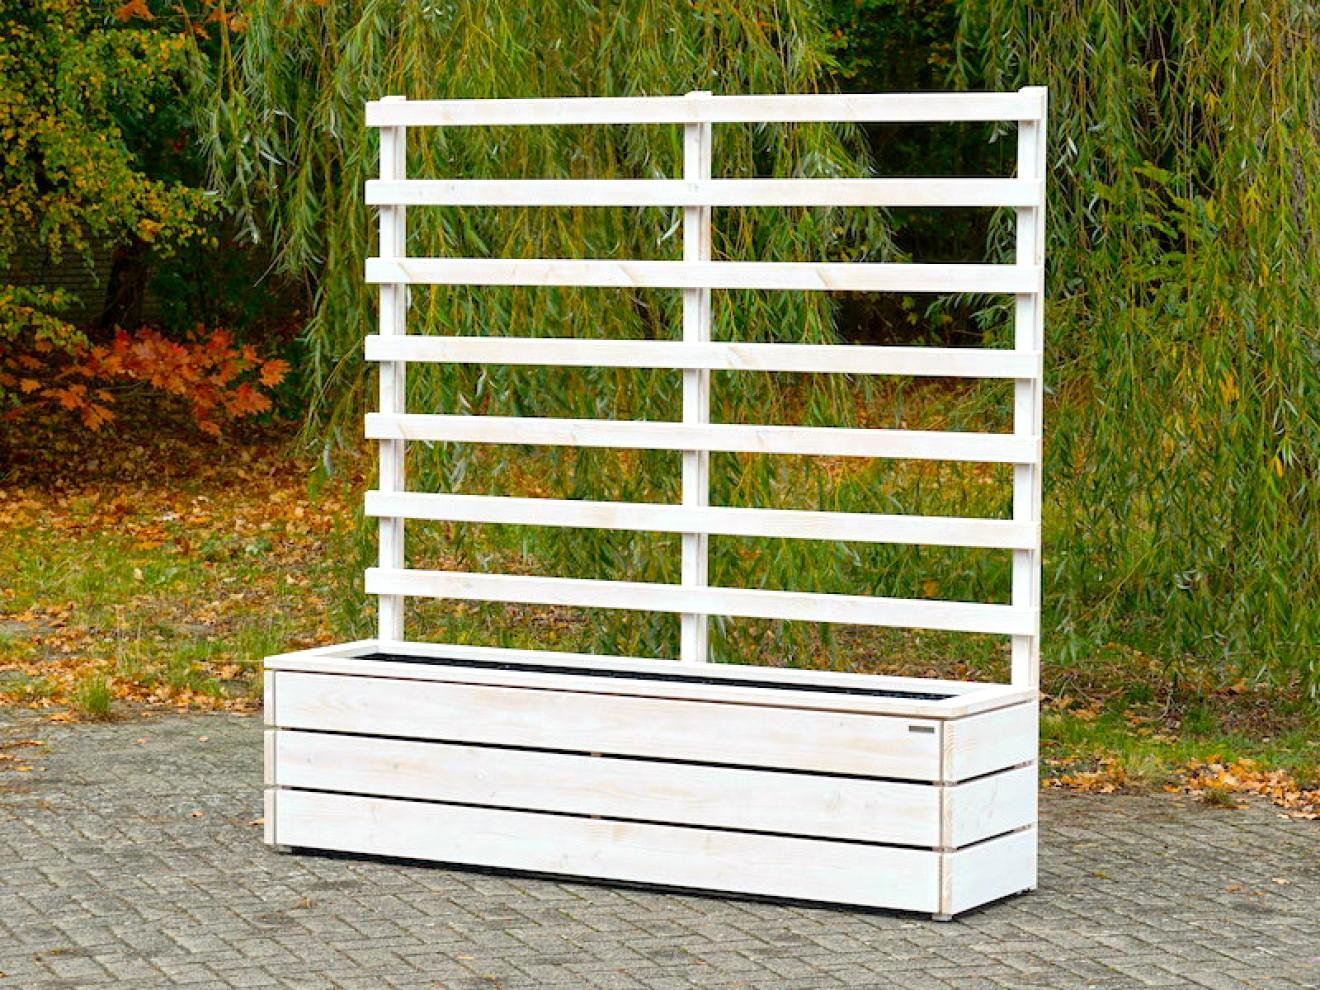 pflanzkasten mit rankgitter sichtschutz nach ma made. Black Bedroom Furniture Sets. Home Design Ideas